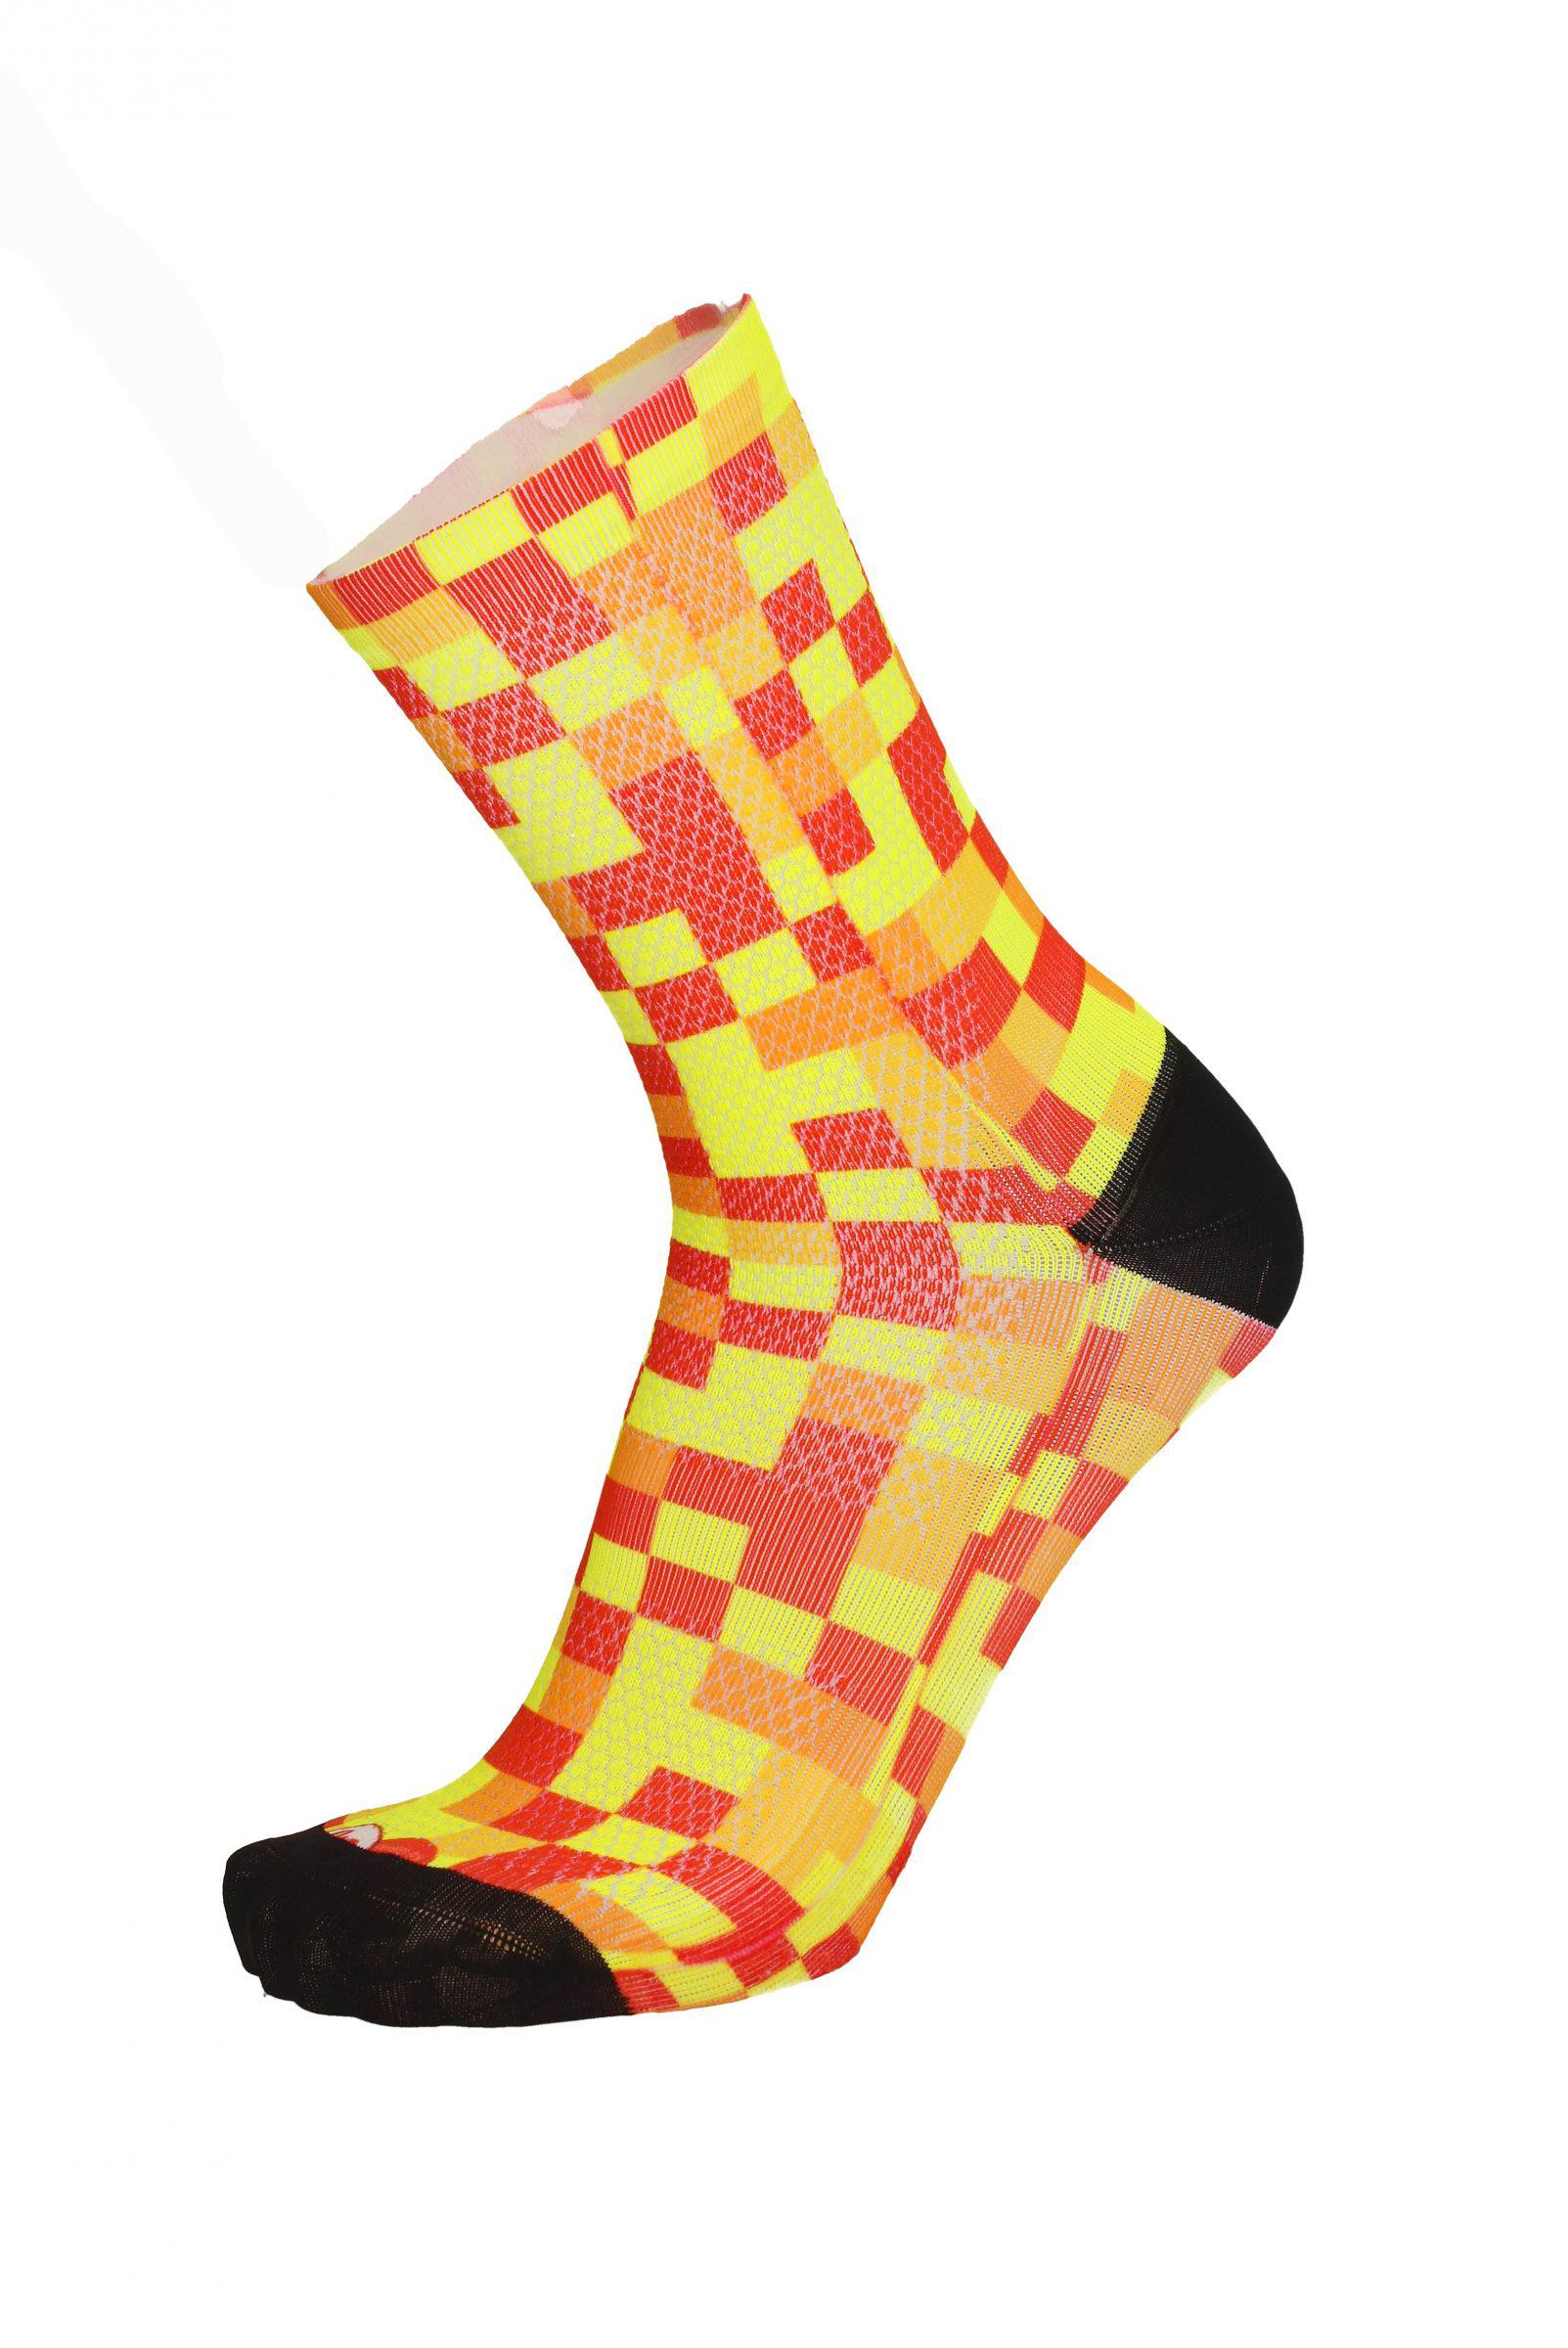 Čarape MBWear FUN 15 Pixel